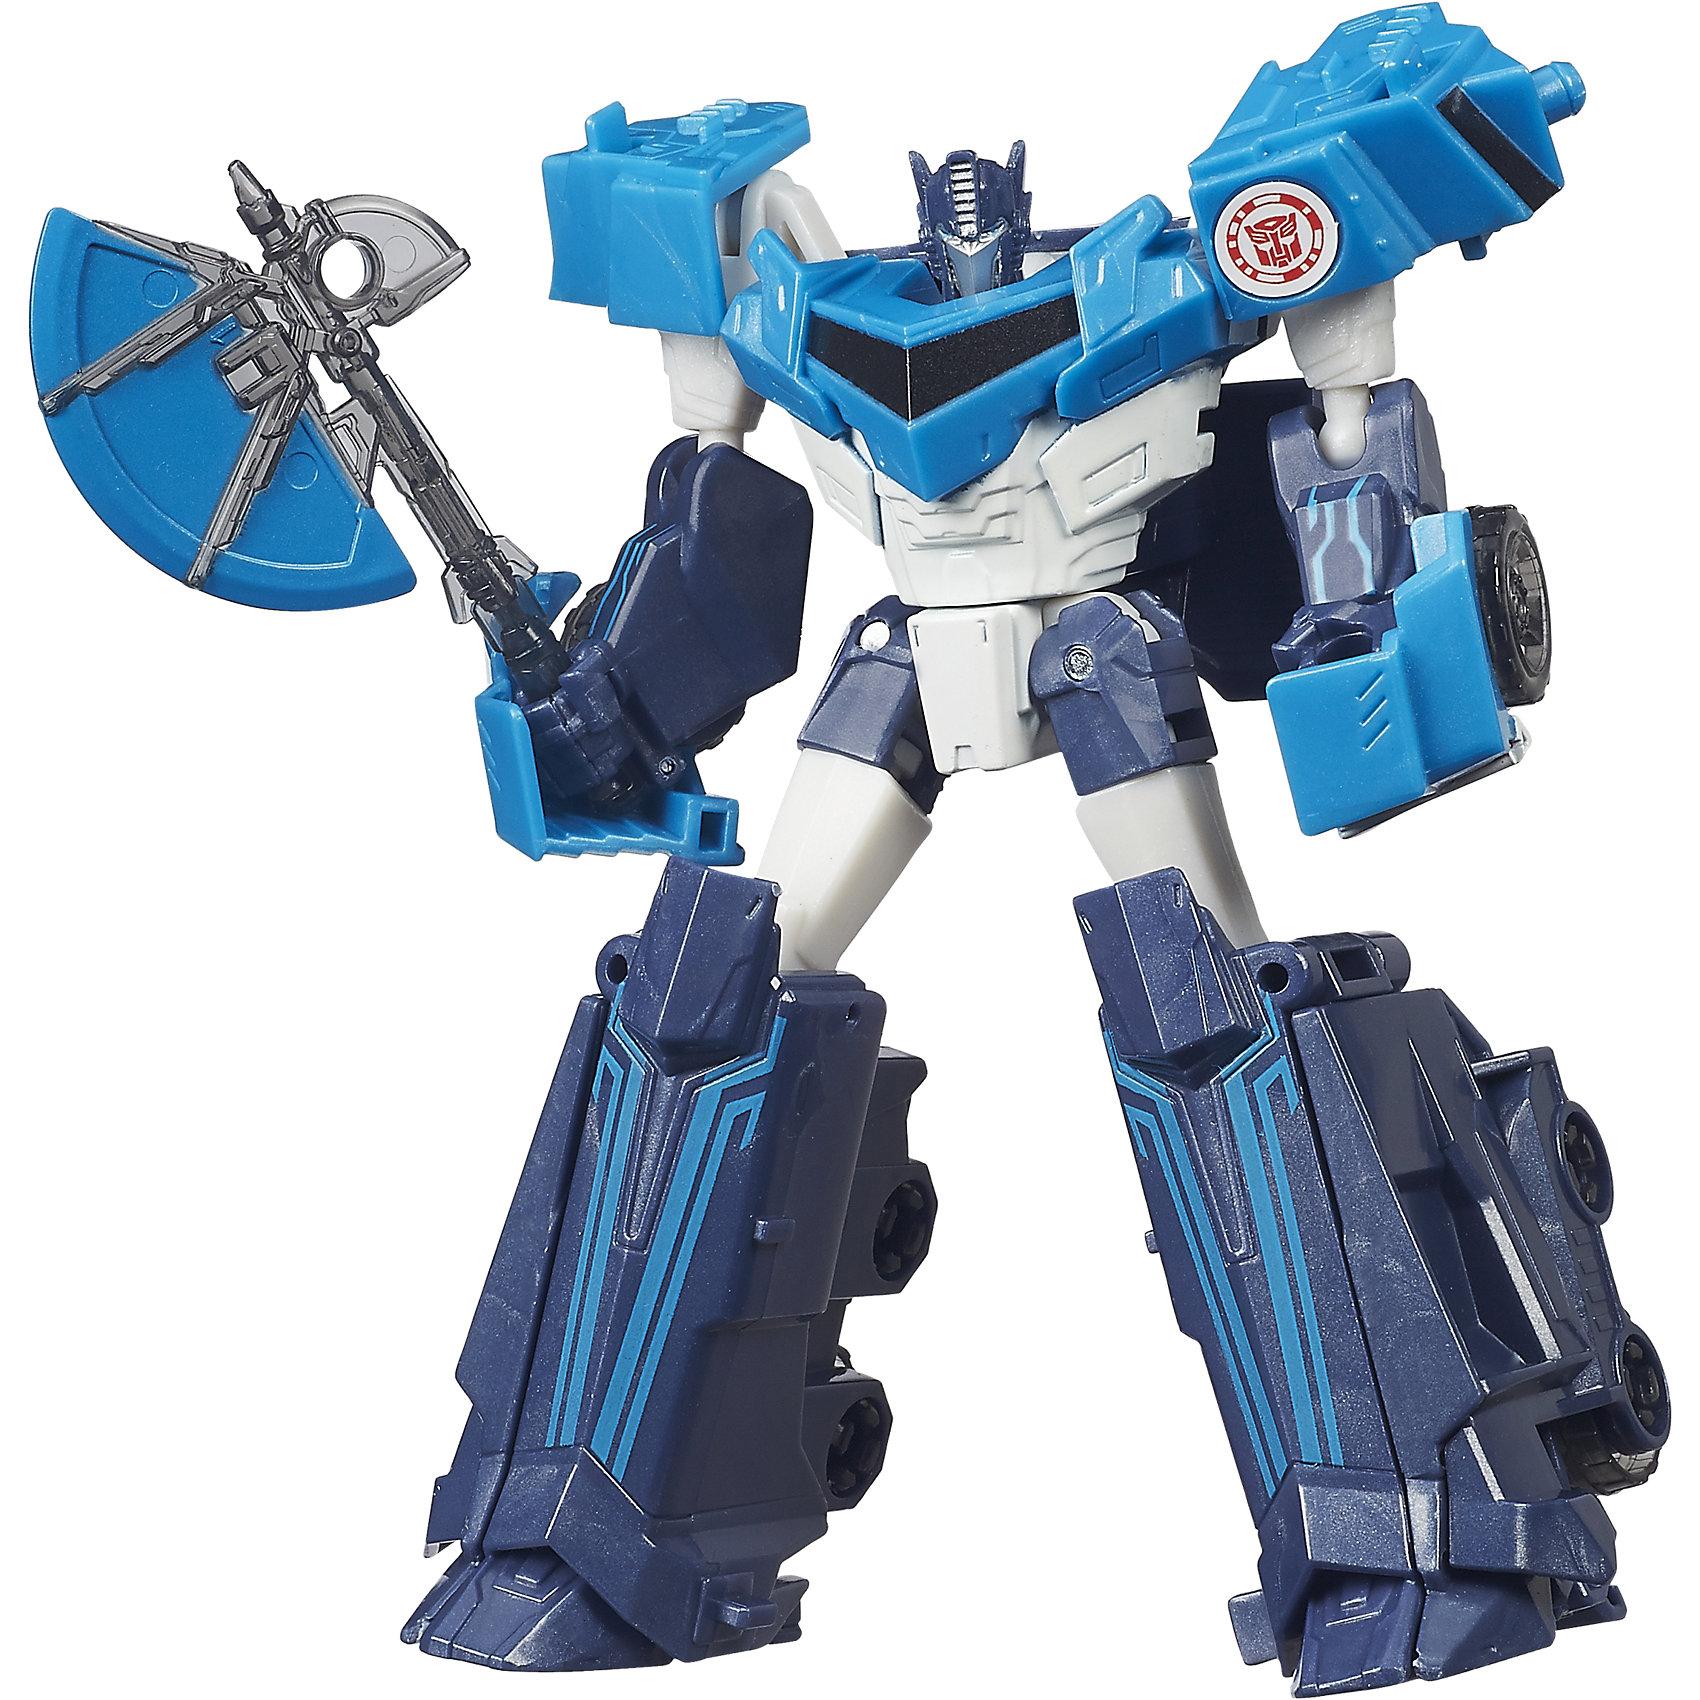 Оптимус, Роботс-ин-Дисгайс, ТрансформерыОптимус, Роботс-ин-Дисгайс, Трансформеры - игрушка, которая наверняка понарвится всем поклонникам мультфильма.<br><br>Оптимус может трансформироваться в автомашину. Красивая броня робота, лицо и глаза придают ему устрашения. Конечно же он вооружен, в руке он держит свой молот, которым он может превращать врагов в металл. Для трансформации ребенку не надо прилагать никаких усилий, все детали легко передвигаются. У робота 10 шагов трансформации. Если вы думаете, что подарить мальчику, то робот-транформер именно то, что вам нужно. Ребенок будет невероятно рад подобной игрушке, с которой сможет проводить в игре много времени. Робот достаточно компактен и его всегда можно взять с собой на прогулку или в любое путешествие. Трансформер очень подвижен и может принимать разные позы. Каждая деталь проработана до мелочей и выполнена их безопасного для детей материала.<br><br>Оптимус, Роботс-ин-Дисгайс, Трансформеры можно купить в нашем интернет-магазине.<br><br>Ширина мм: 256<br>Глубина мм: 167<br>Высота мм: 68<br>Вес г: 169<br>Возраст от месяцев: 72<br>Возраст до месяцев: 120<br>Пол: Мужской<br>Возраст: Детский<br>SKU: 4786001